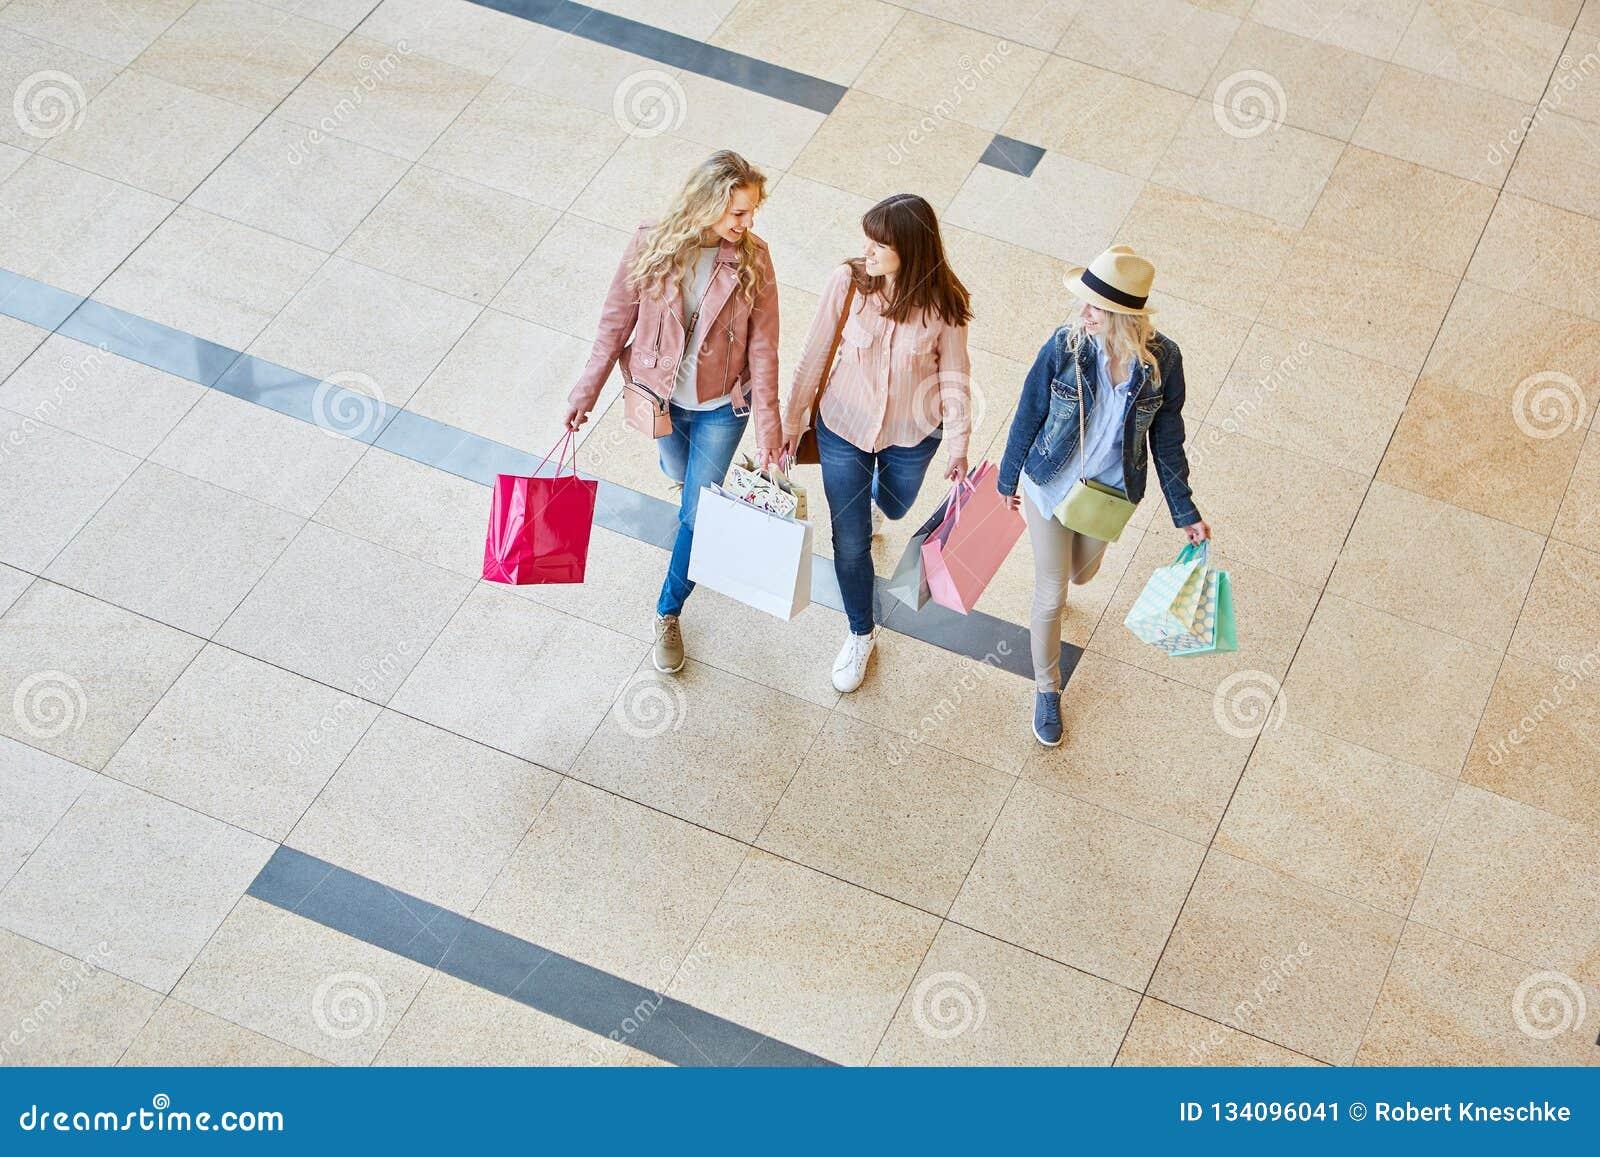 Drei Frauen als Freunde im Einkaufszentrum